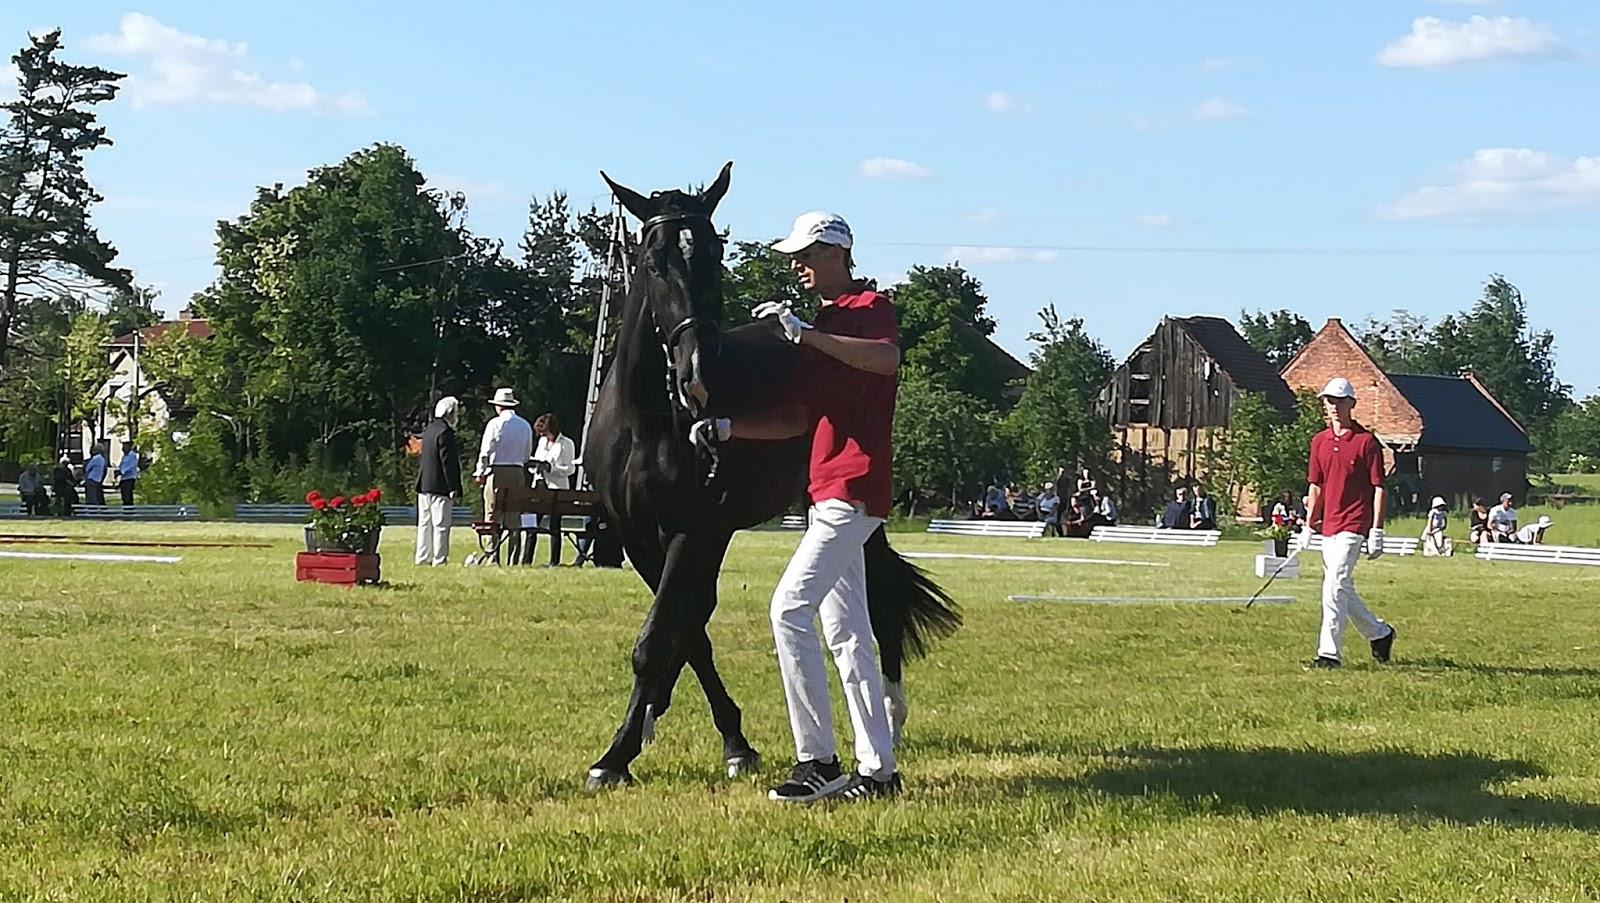 f247db542d254 Pogoda była cudna, słońce przygrzewało aż miło (niestety aparat miał z  jaskrawym słońcem problemy), tłoczno, gwarno i pełno, pełno koni, wymarzona  niedziela ...